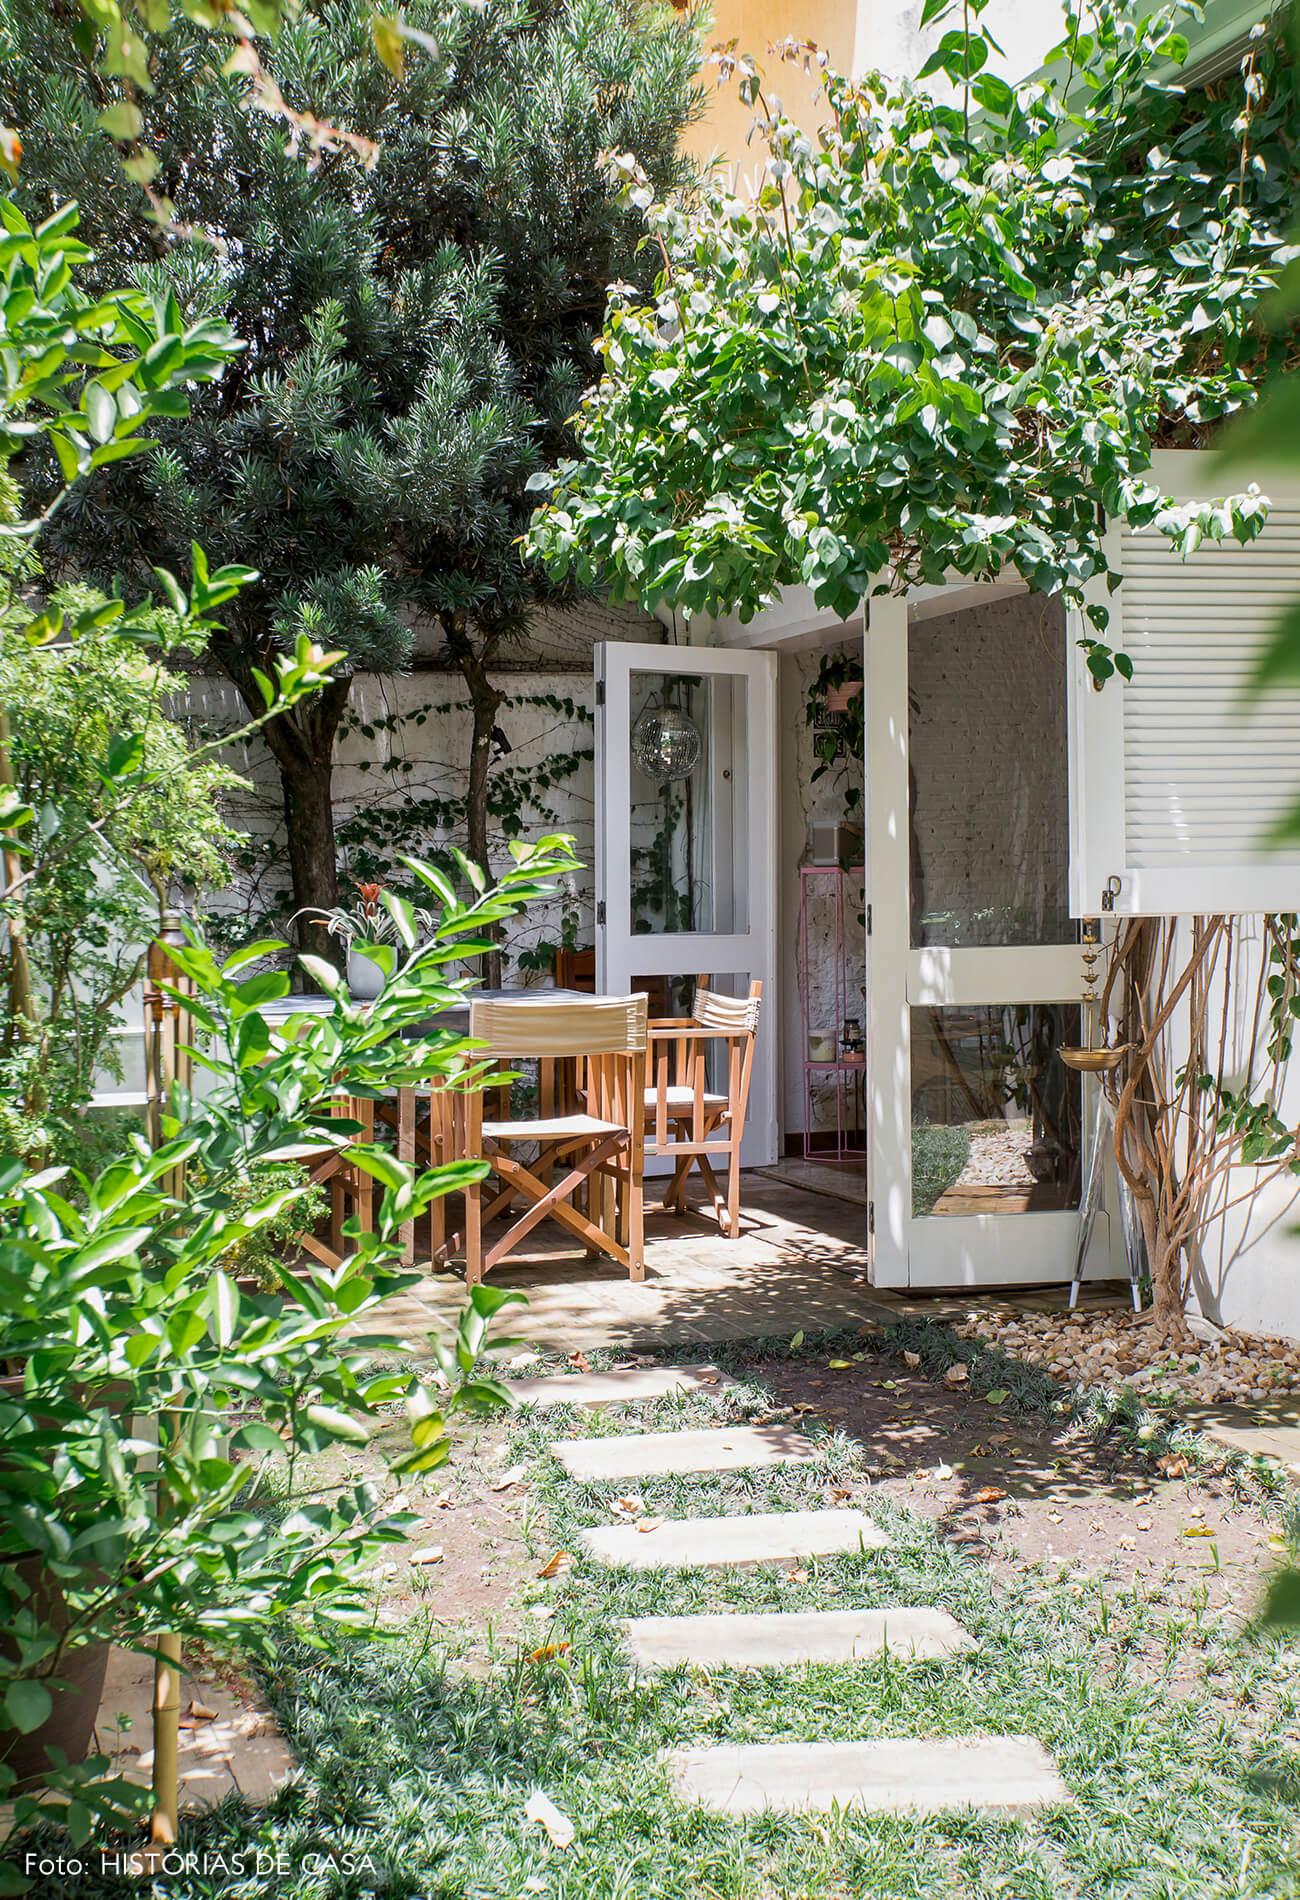 Casa com jardim e portas venezianas brancas